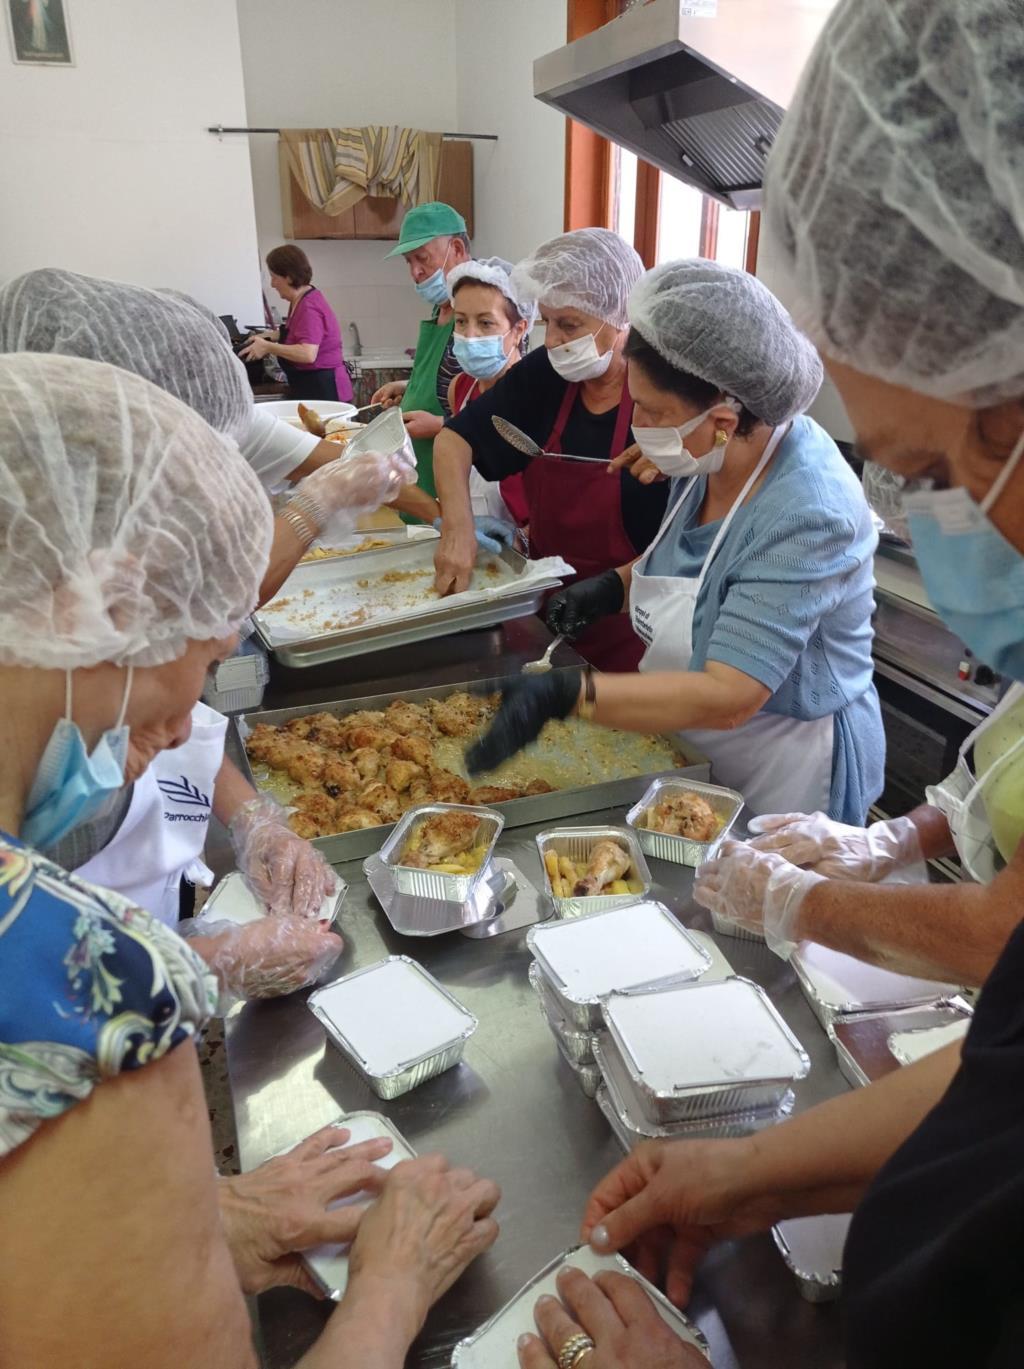 Trapani, le Vincenziane offrono un pranzo a 160 persone in difficoltà